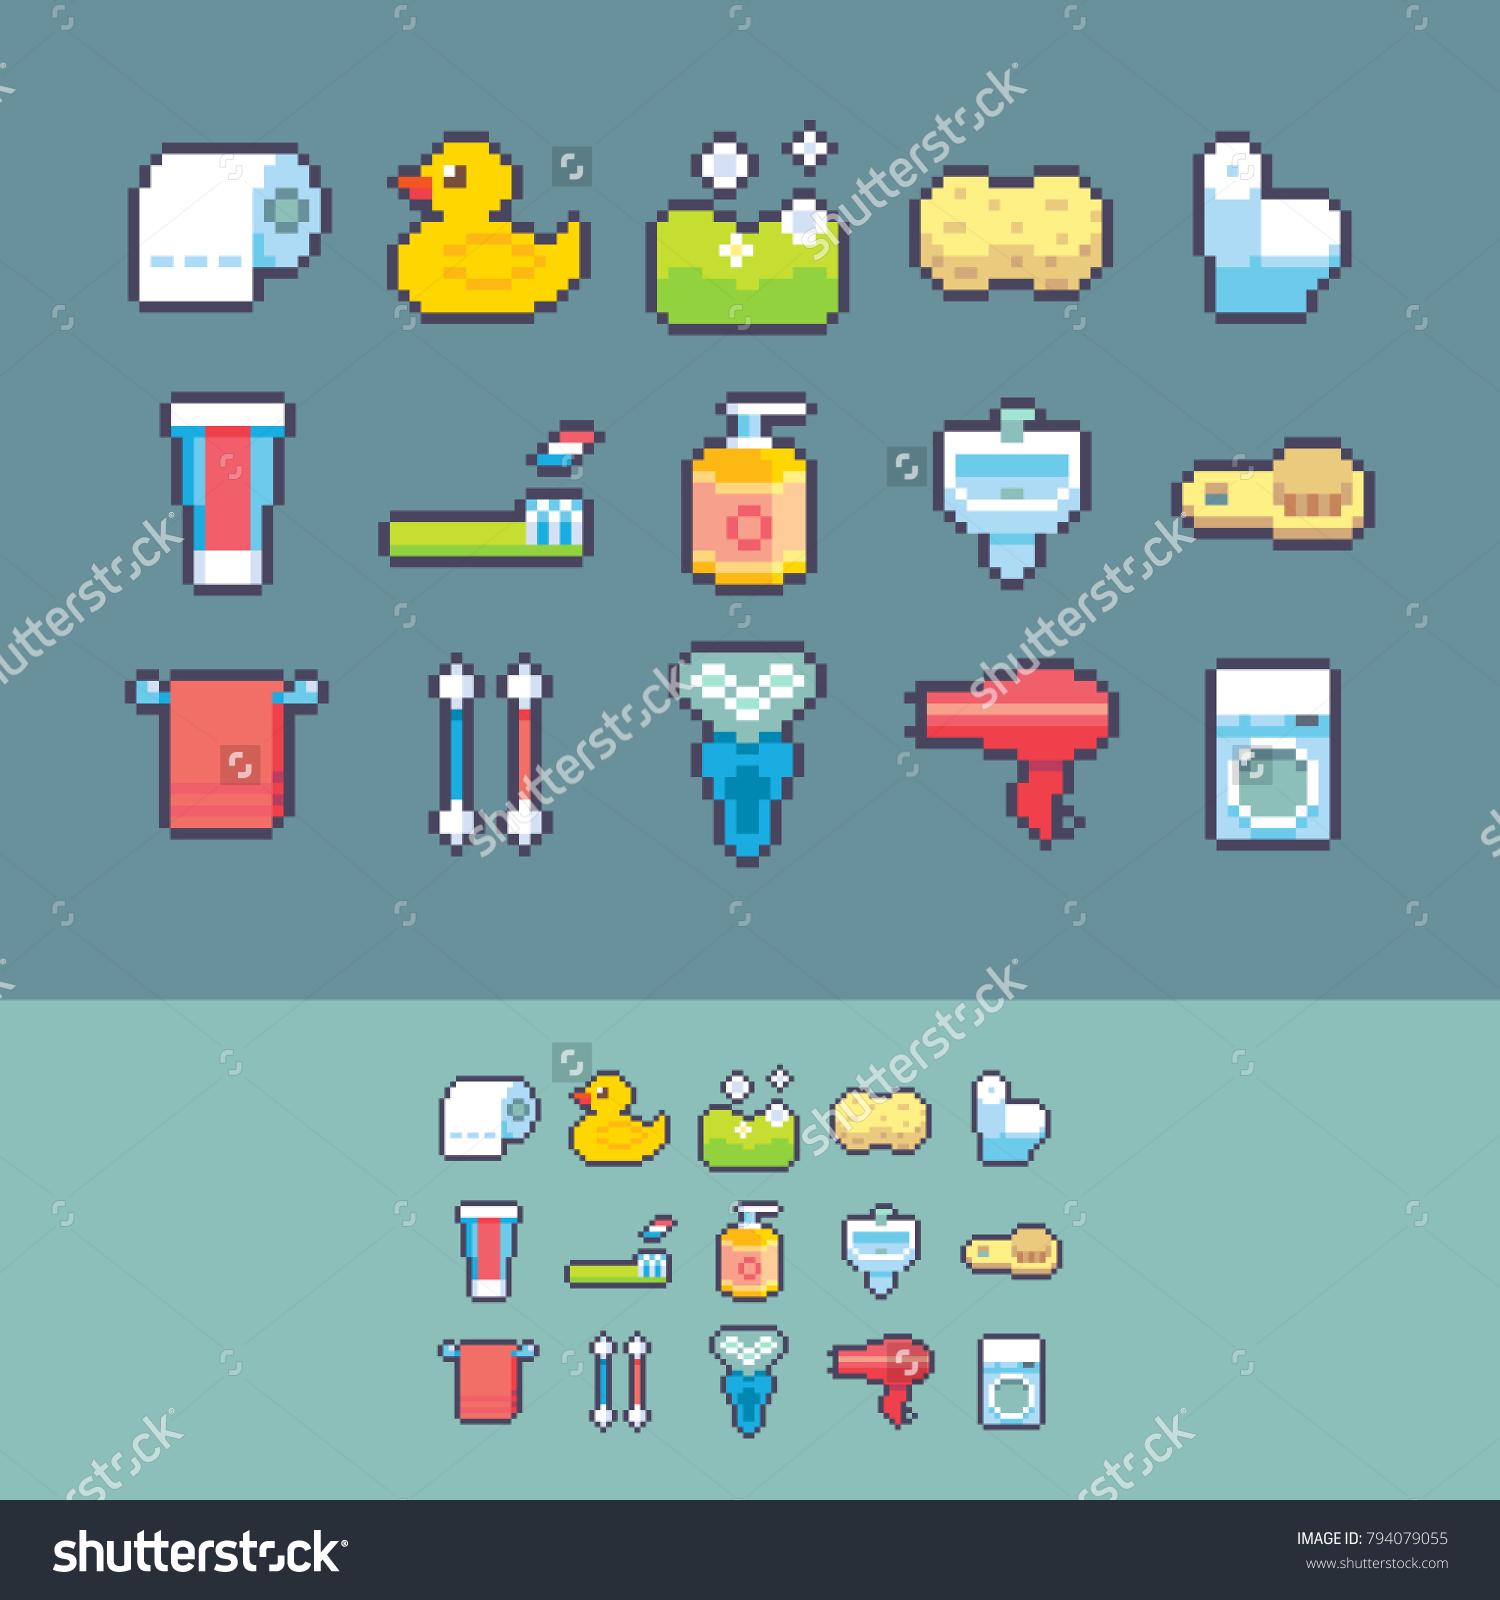 Pixel Art Vector Bathroom Supplies Icons Stock Vector 794079055 ...